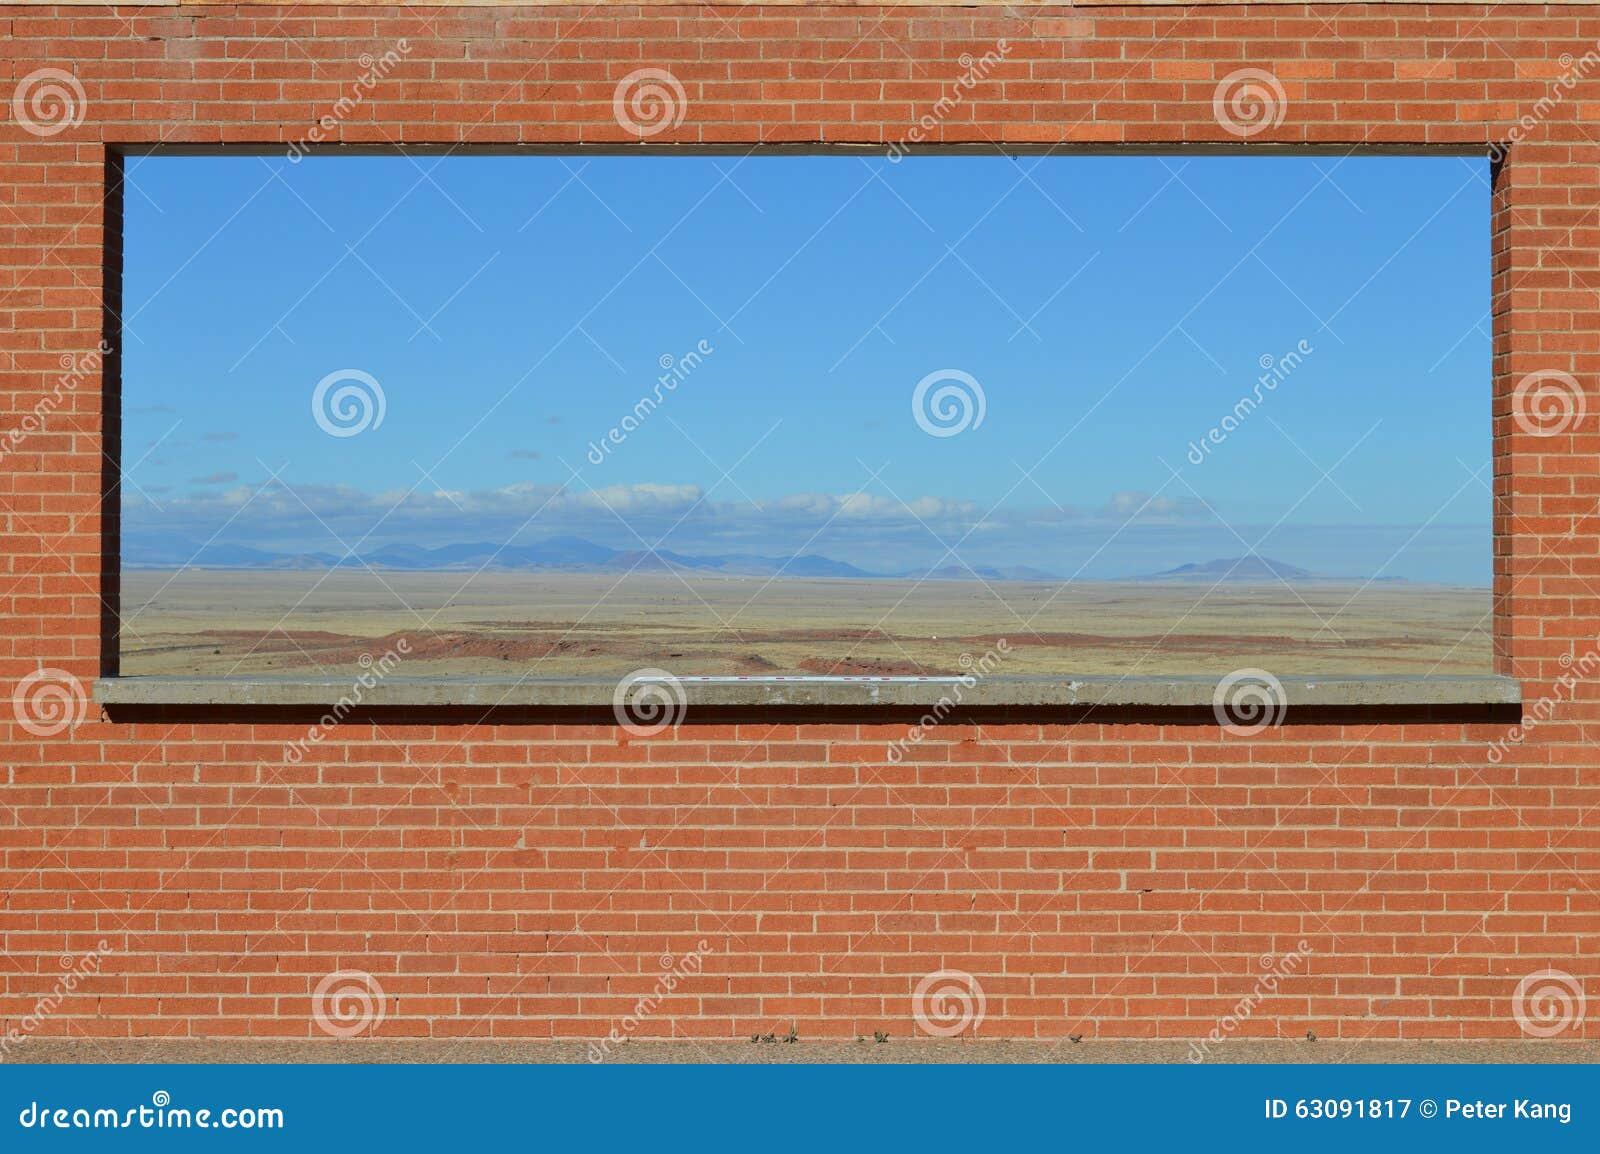 Wüsten-Ansicht gestaltet in der Backsteinmauer Arizona